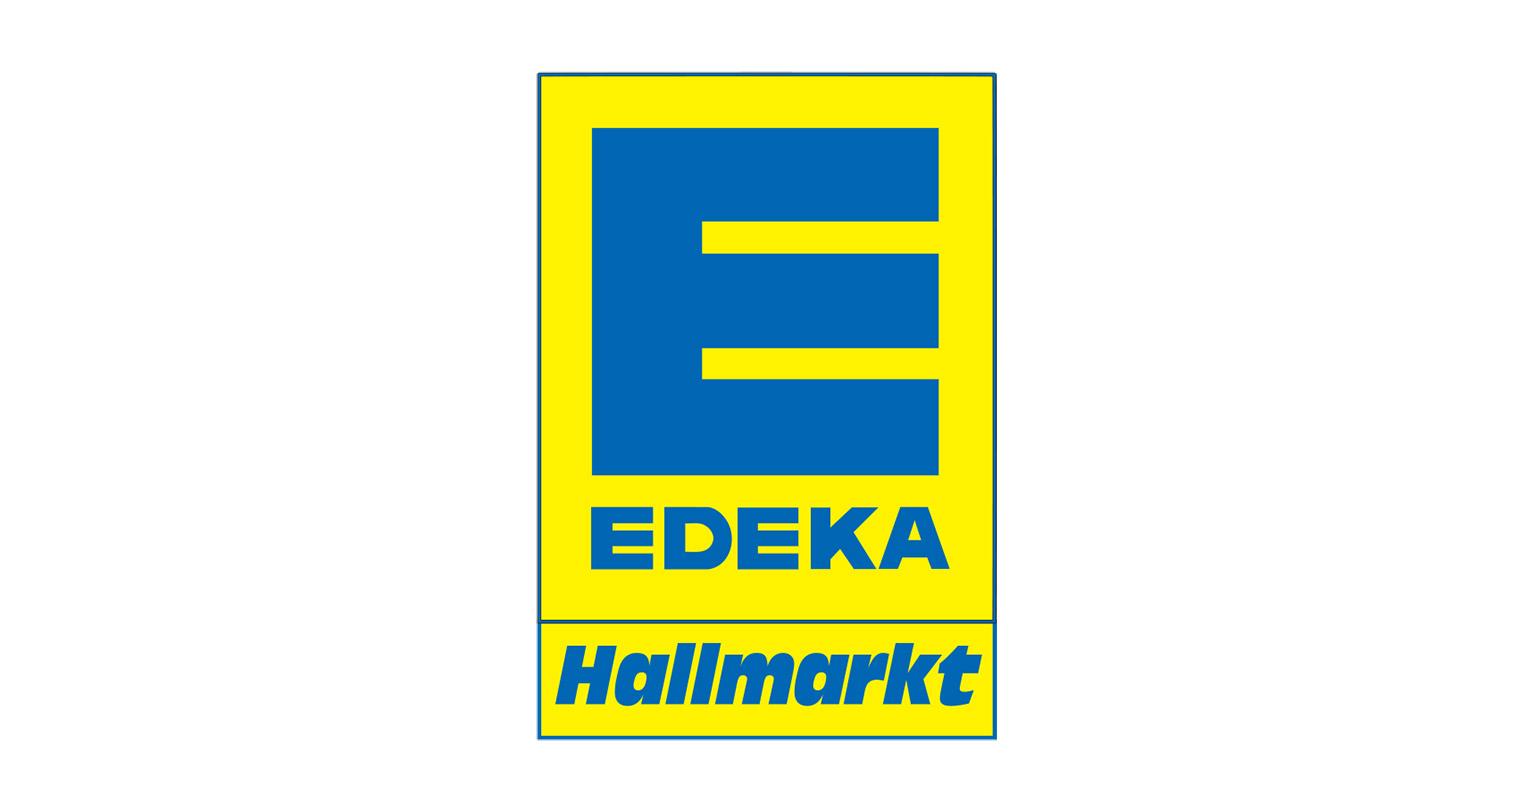 EDEKA Hallmarkt